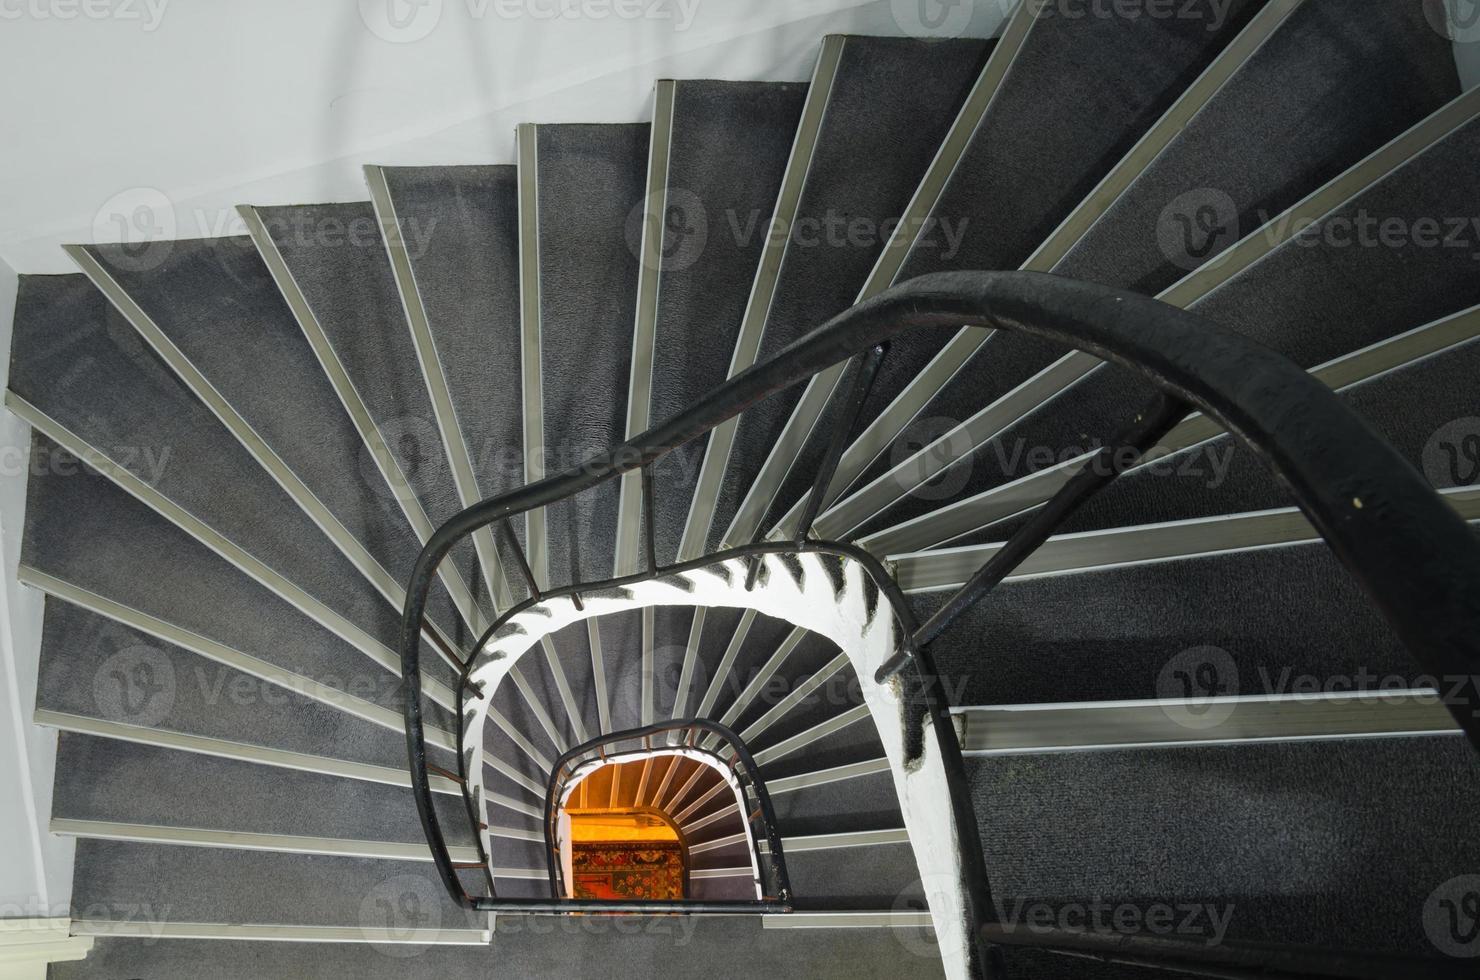 scala a chiocciola con luce alla fine. foto